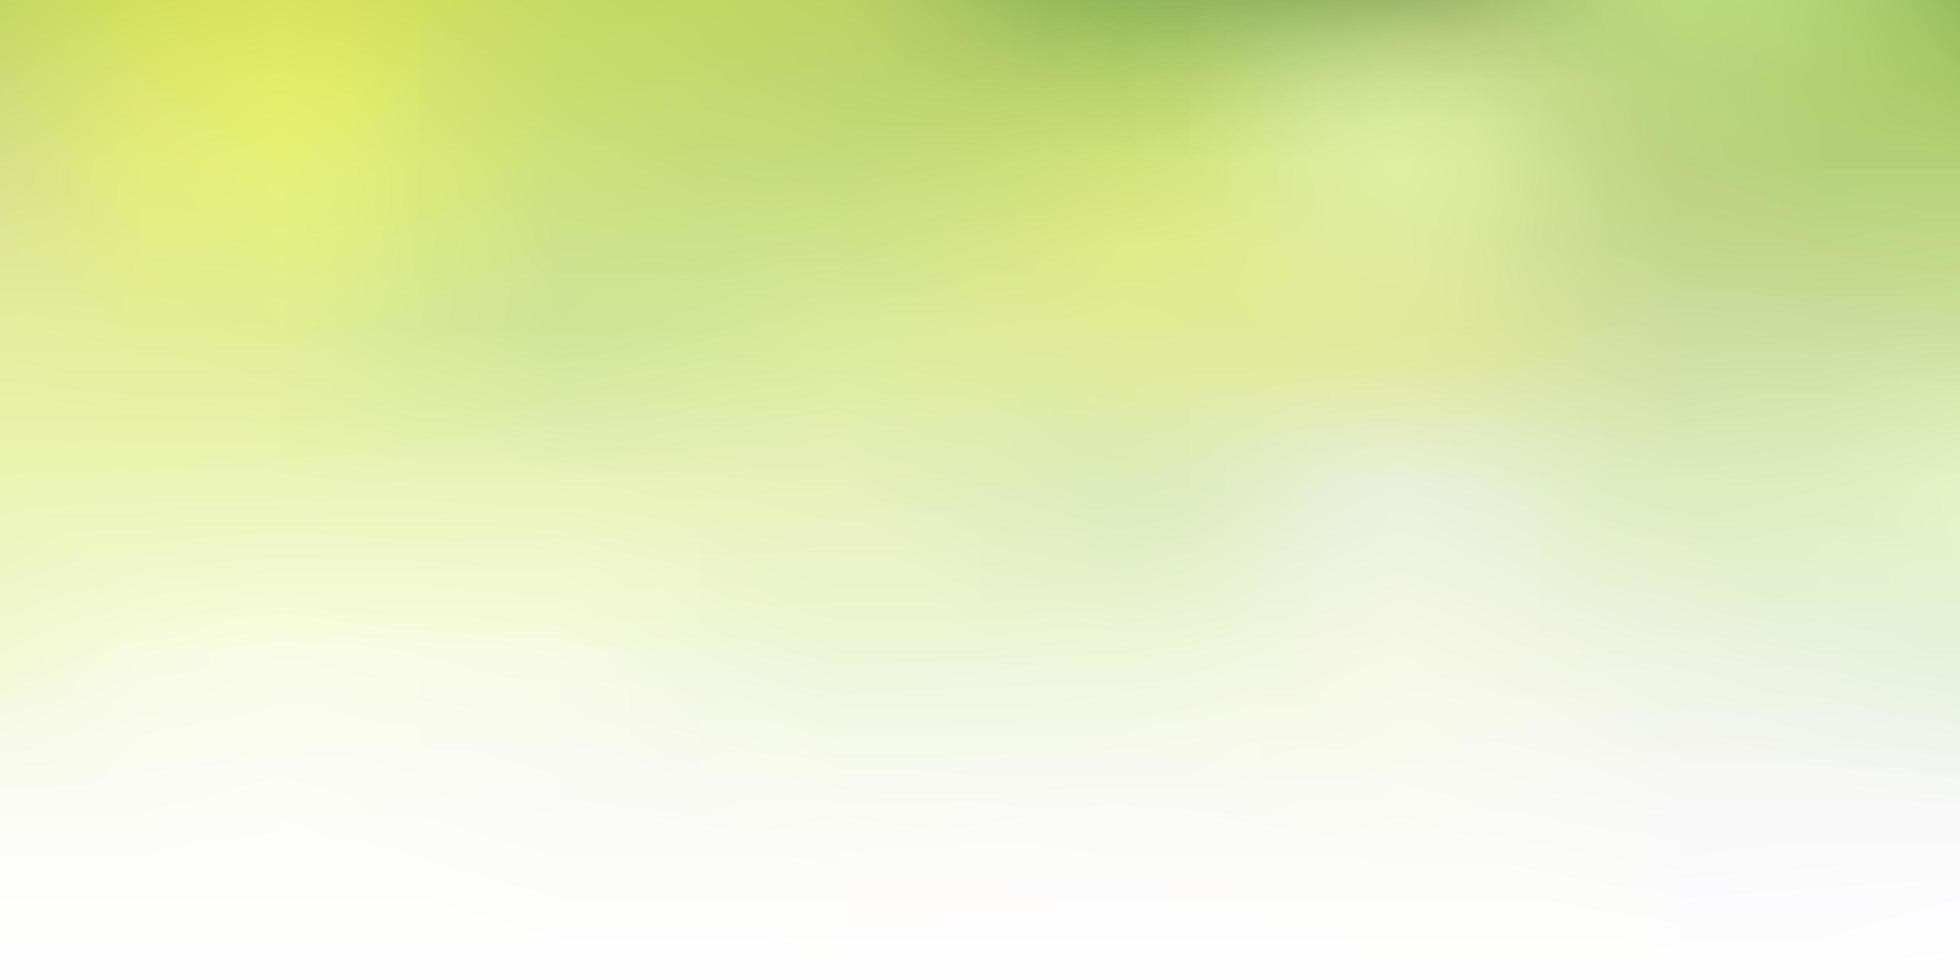 ljusgrön abstrakt suddighetsbakgrund. vektor